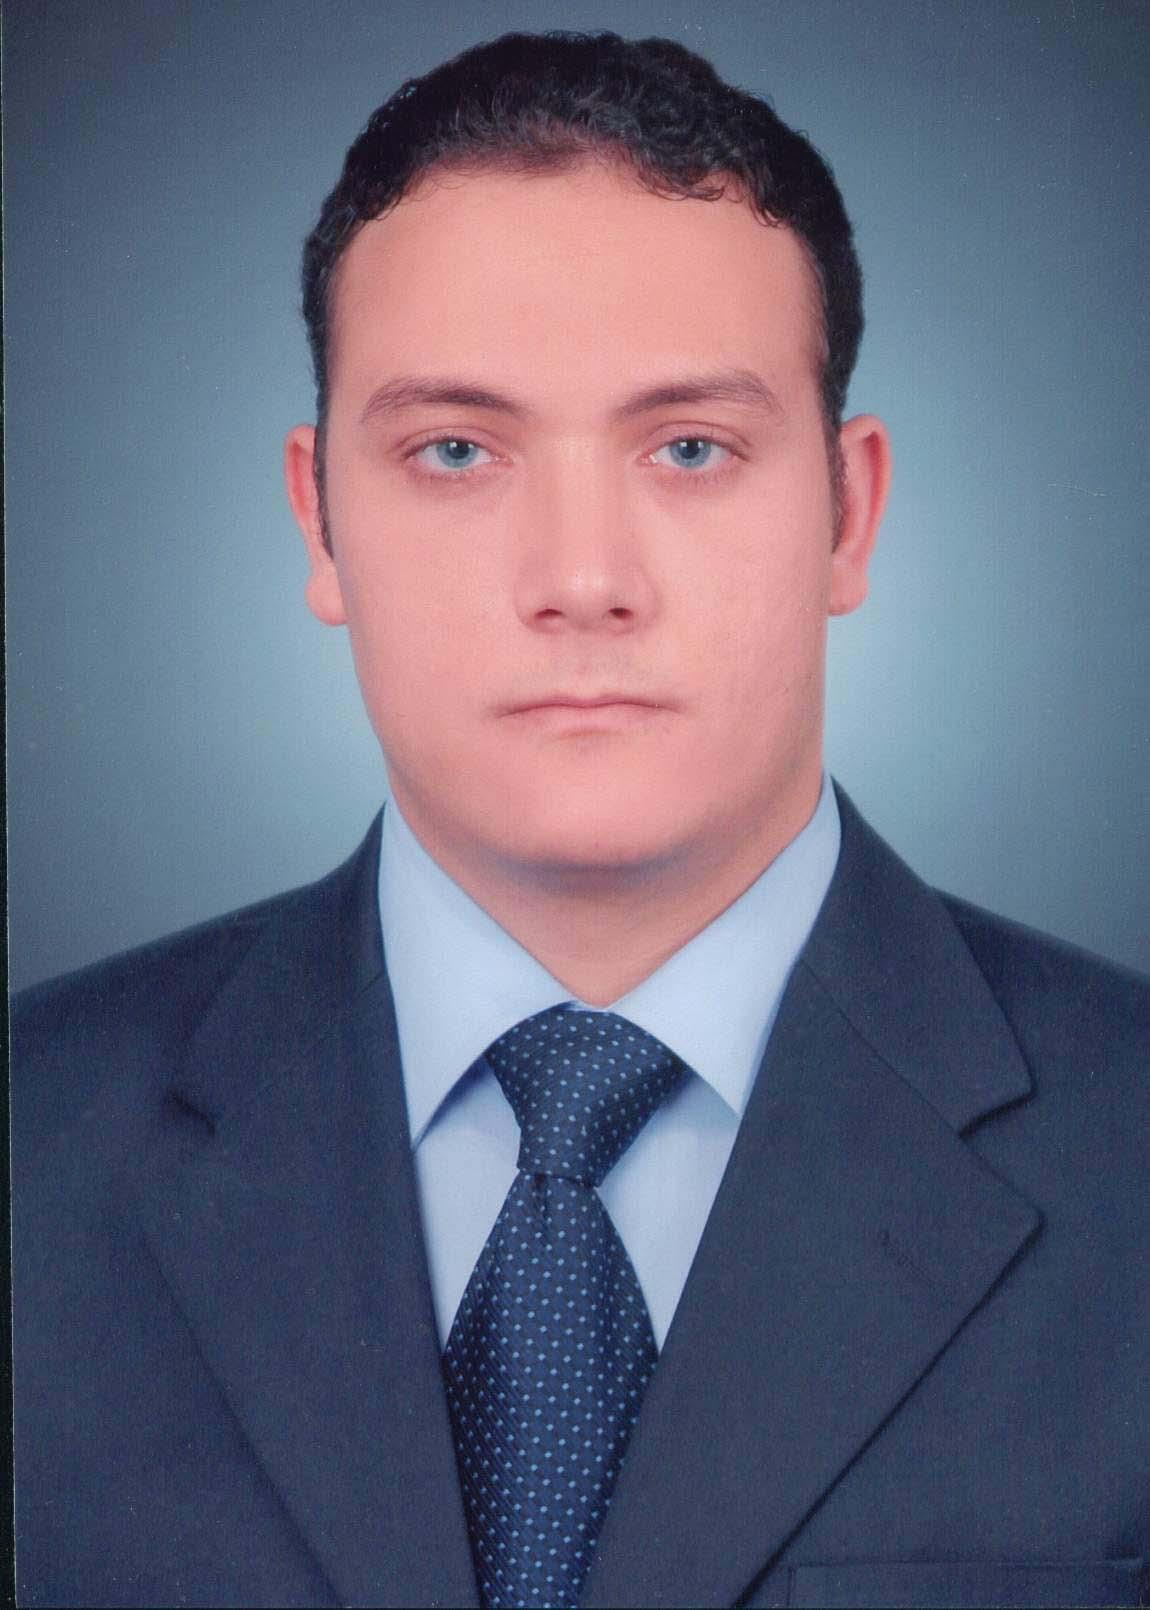 Abdelmotaal Abdelmajeid El-Shiekh Abdelmotaal Abdelmajeid